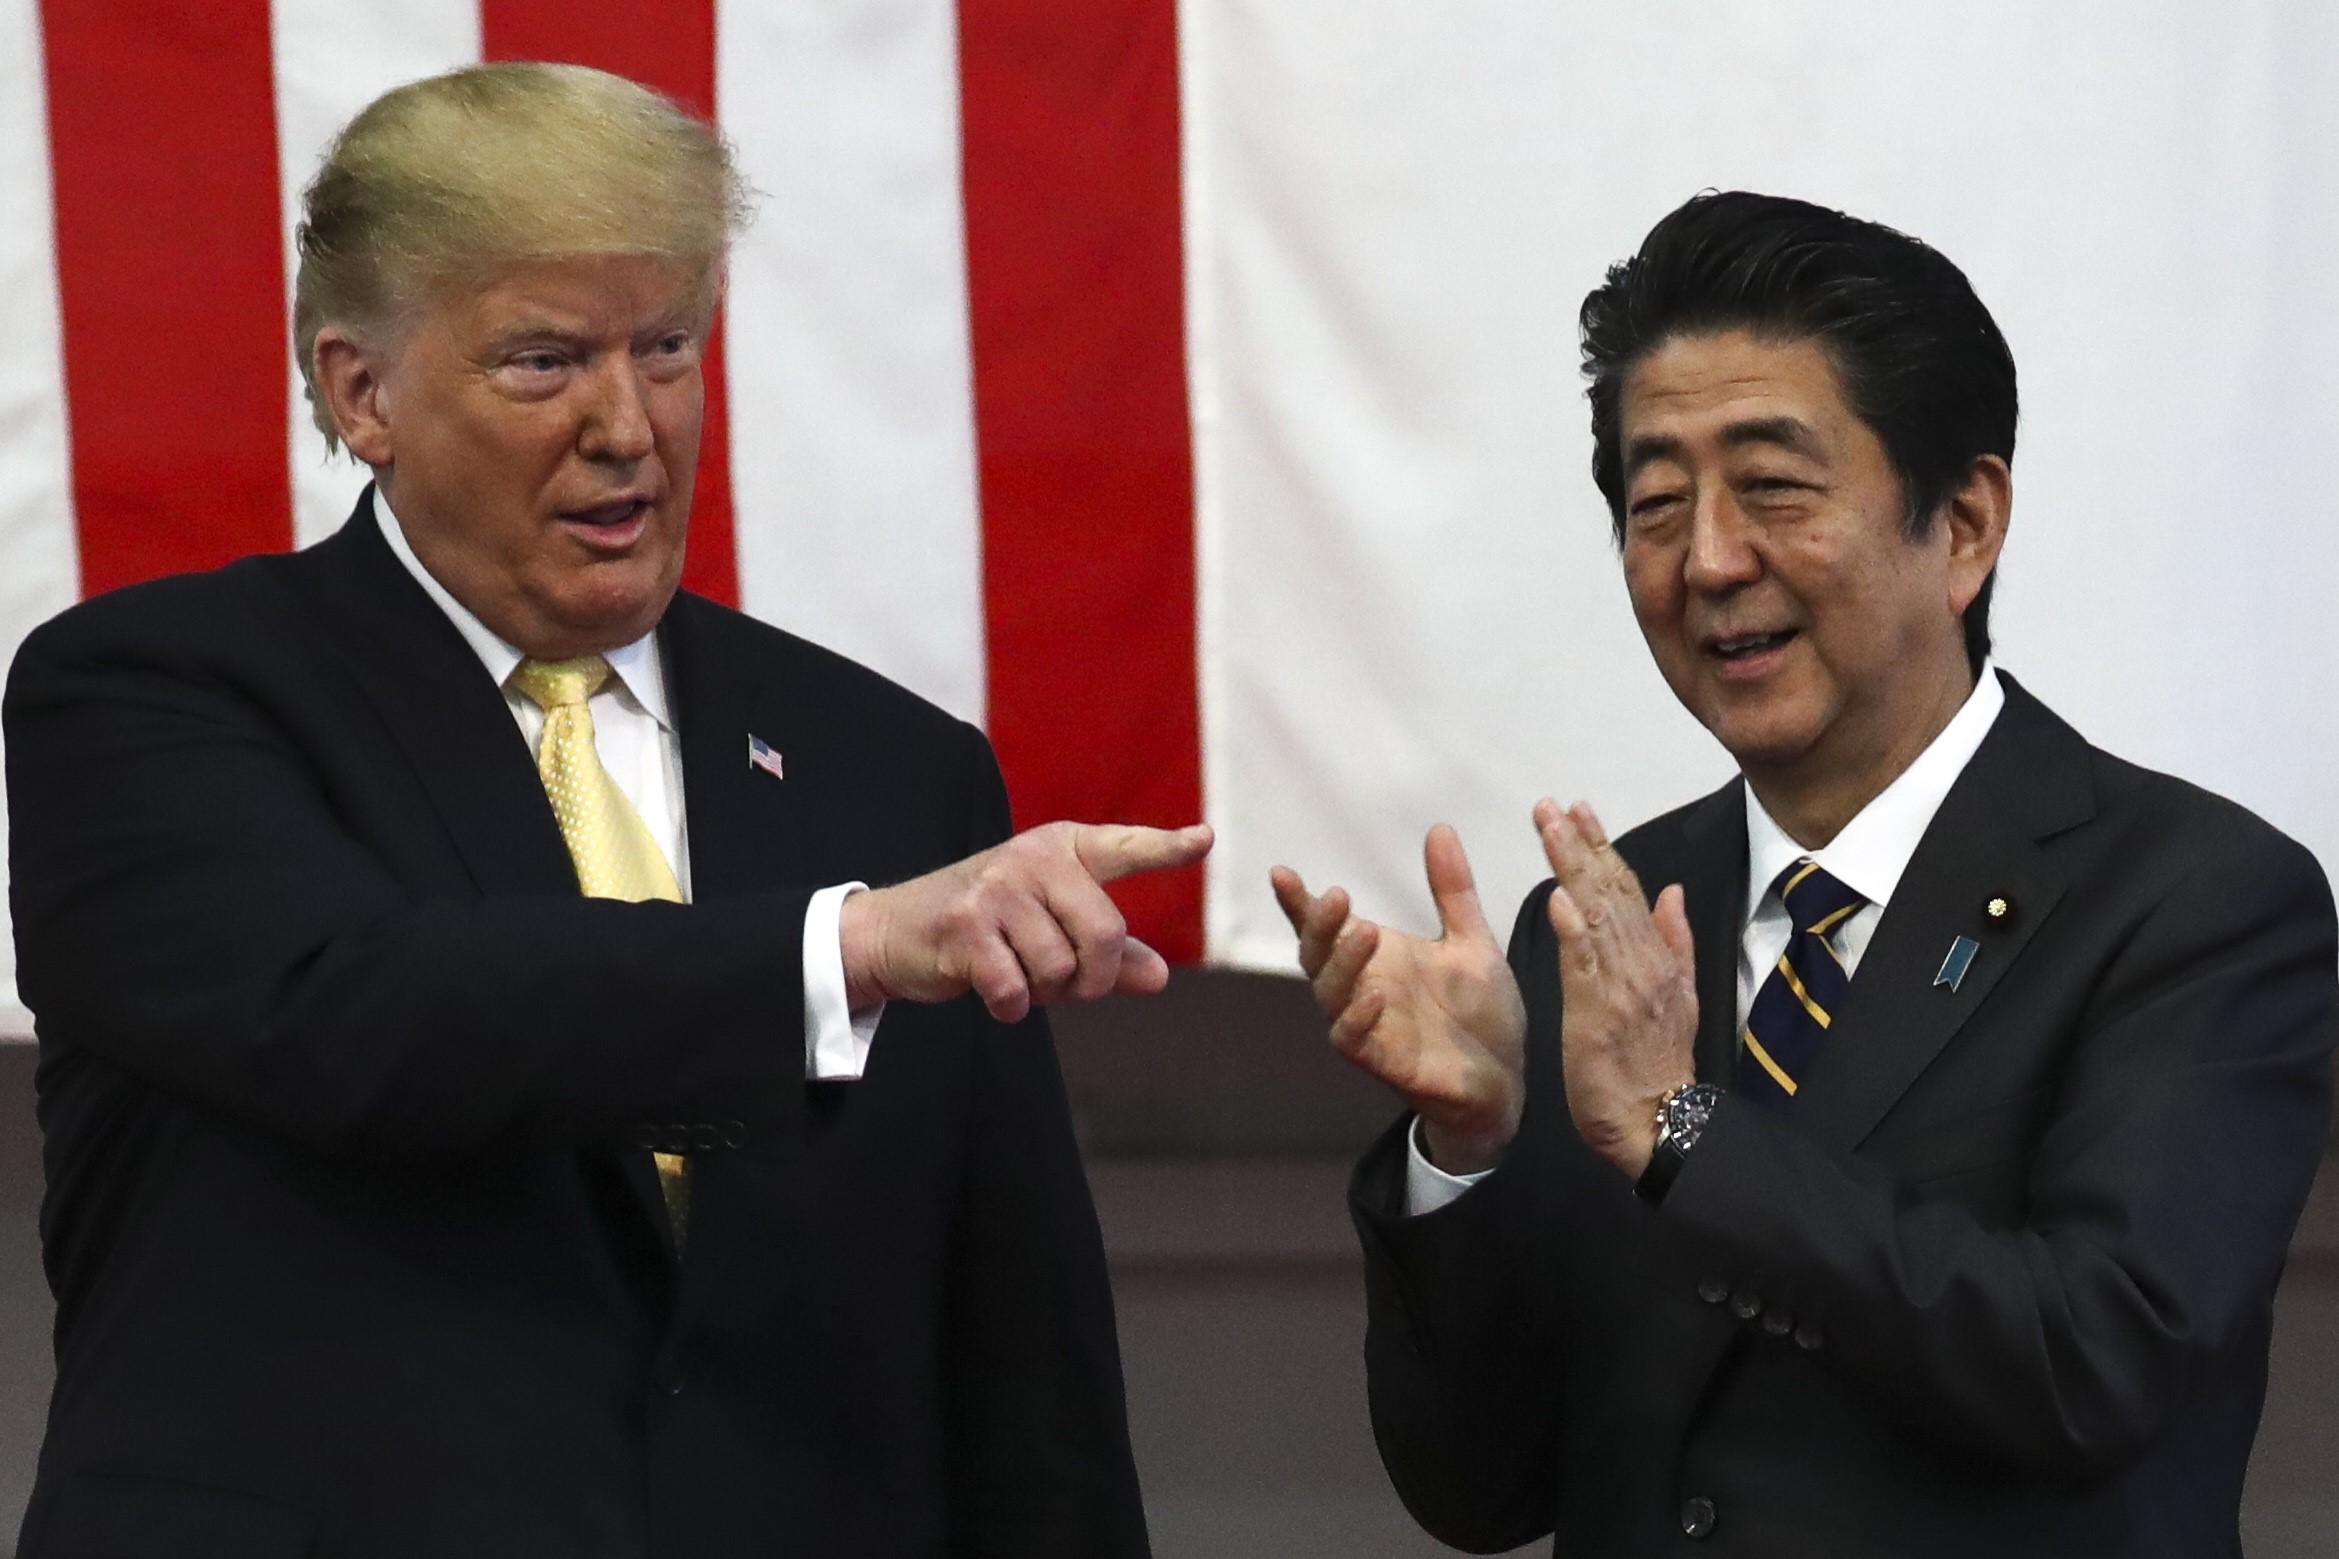 U.S. President Donald Trump in Japan